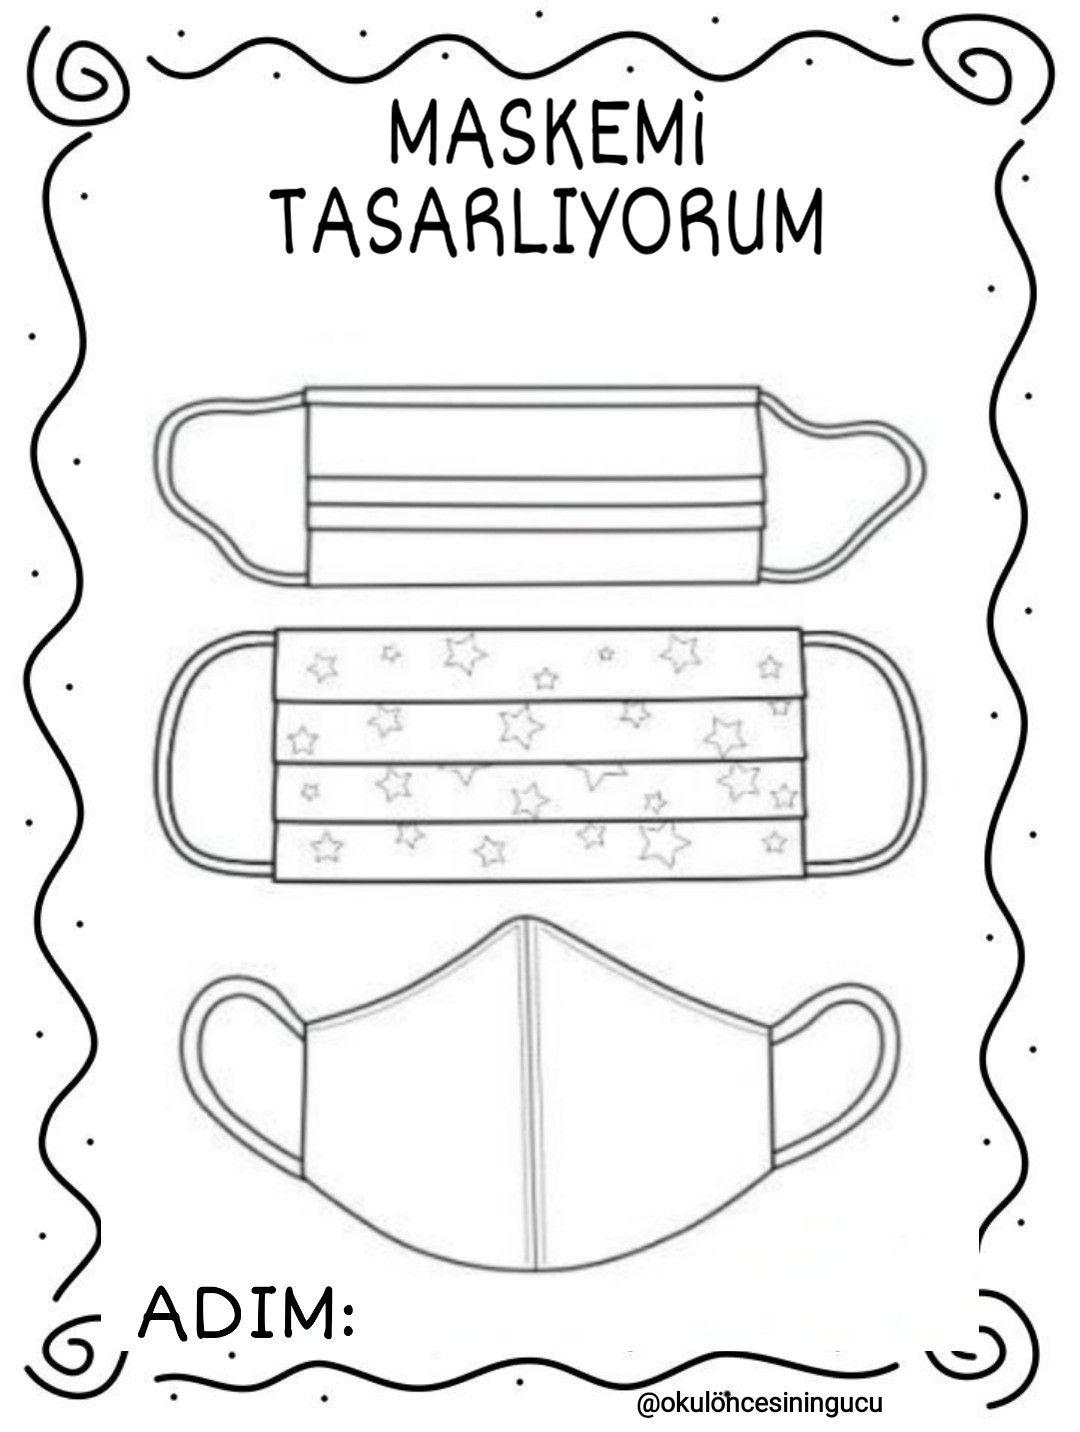 Korona Okuloncesi Maske Tasarim Boyama 2020 Alfabe Calisma Sayfalari Sinif Idaresi Maskeler